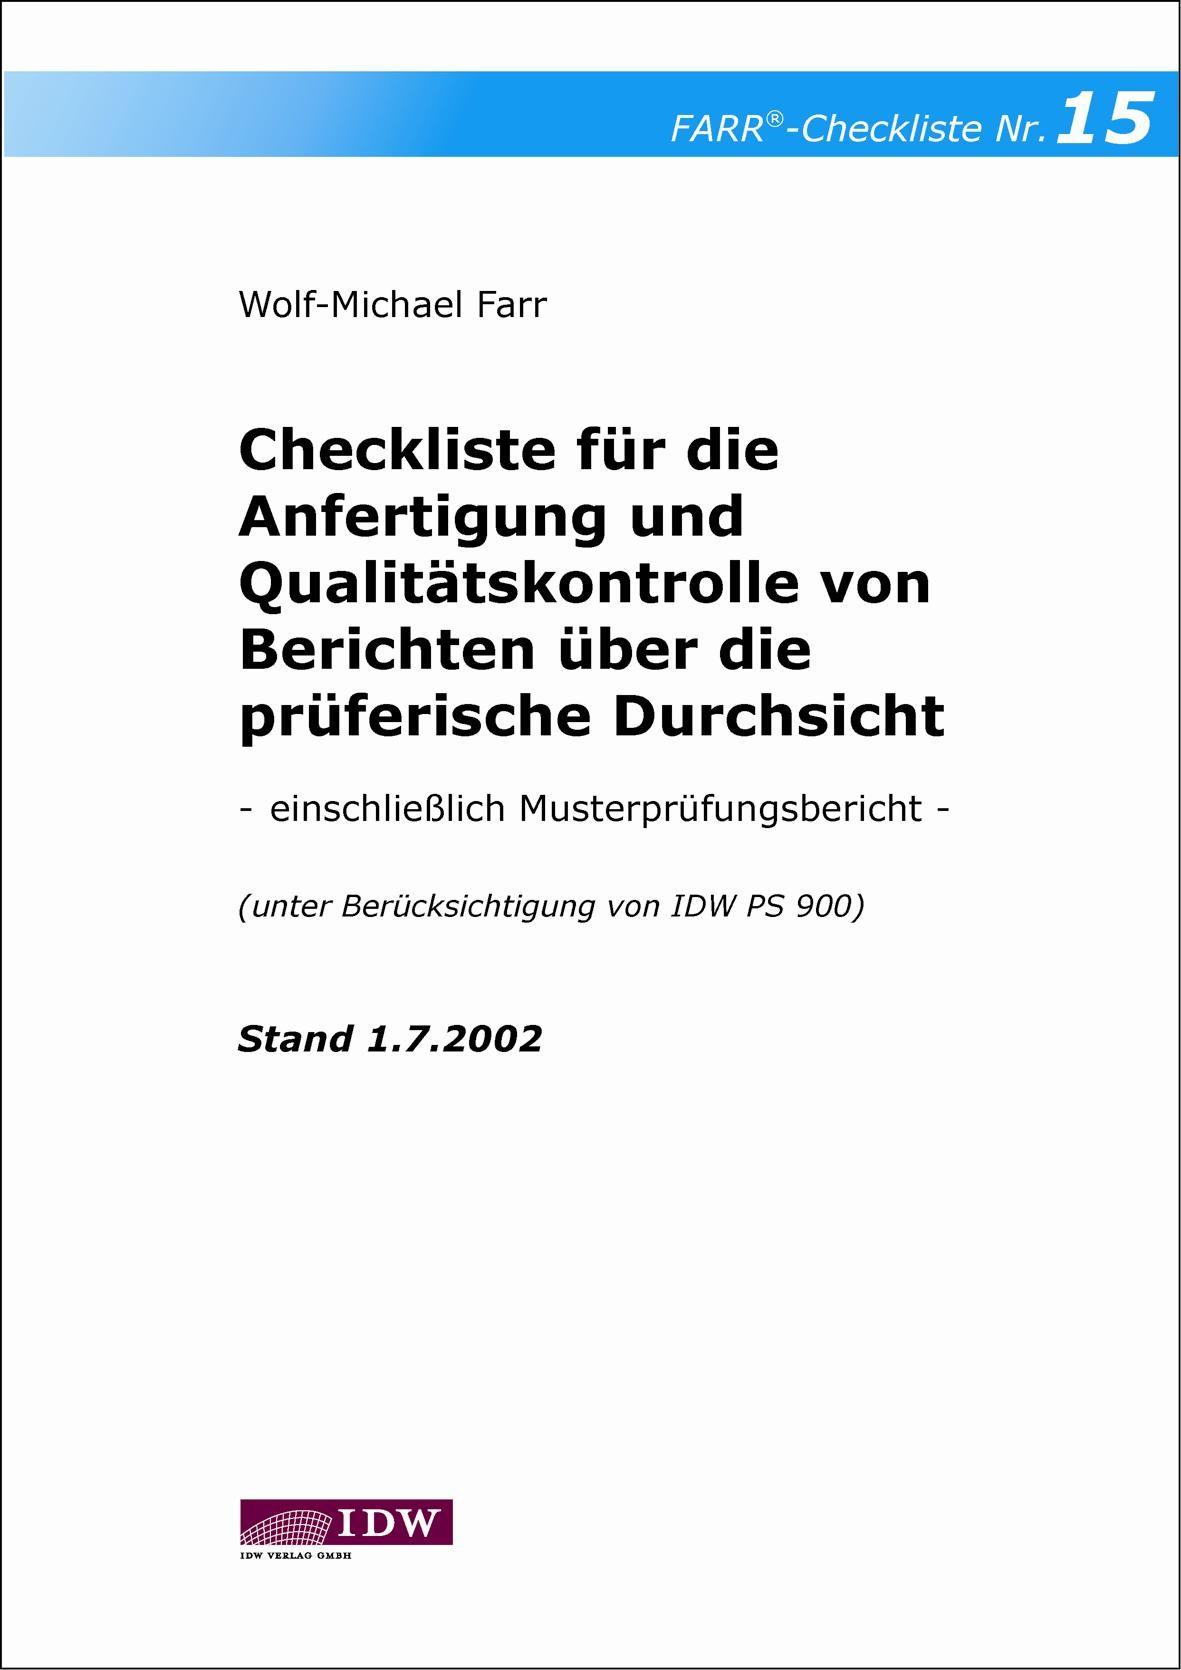 Checkliste für die Anfertigung und Qualitätskontrolle von Berichten über die prüferische Durchsicht | Farr, 2002 | Buch (Cover)